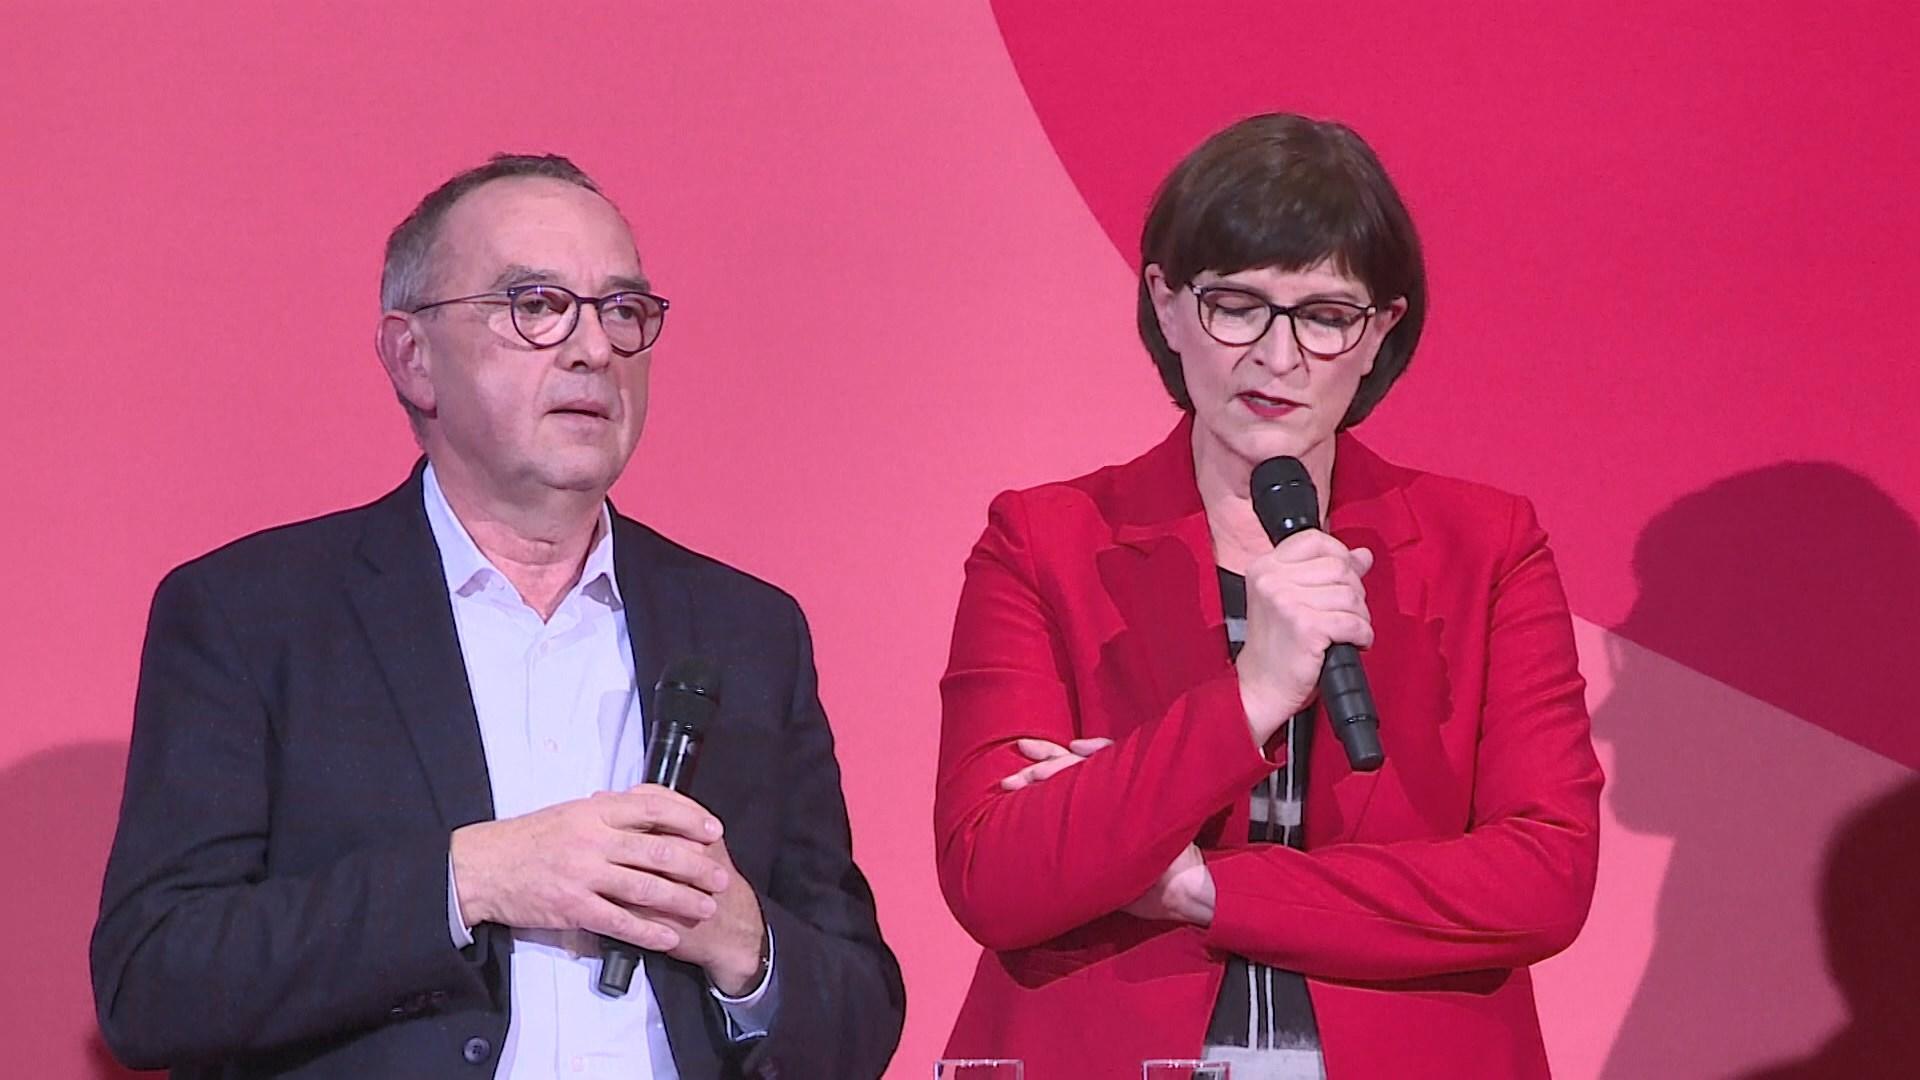 德執政聯盟社民黨選出反對默克爾的黨領袖